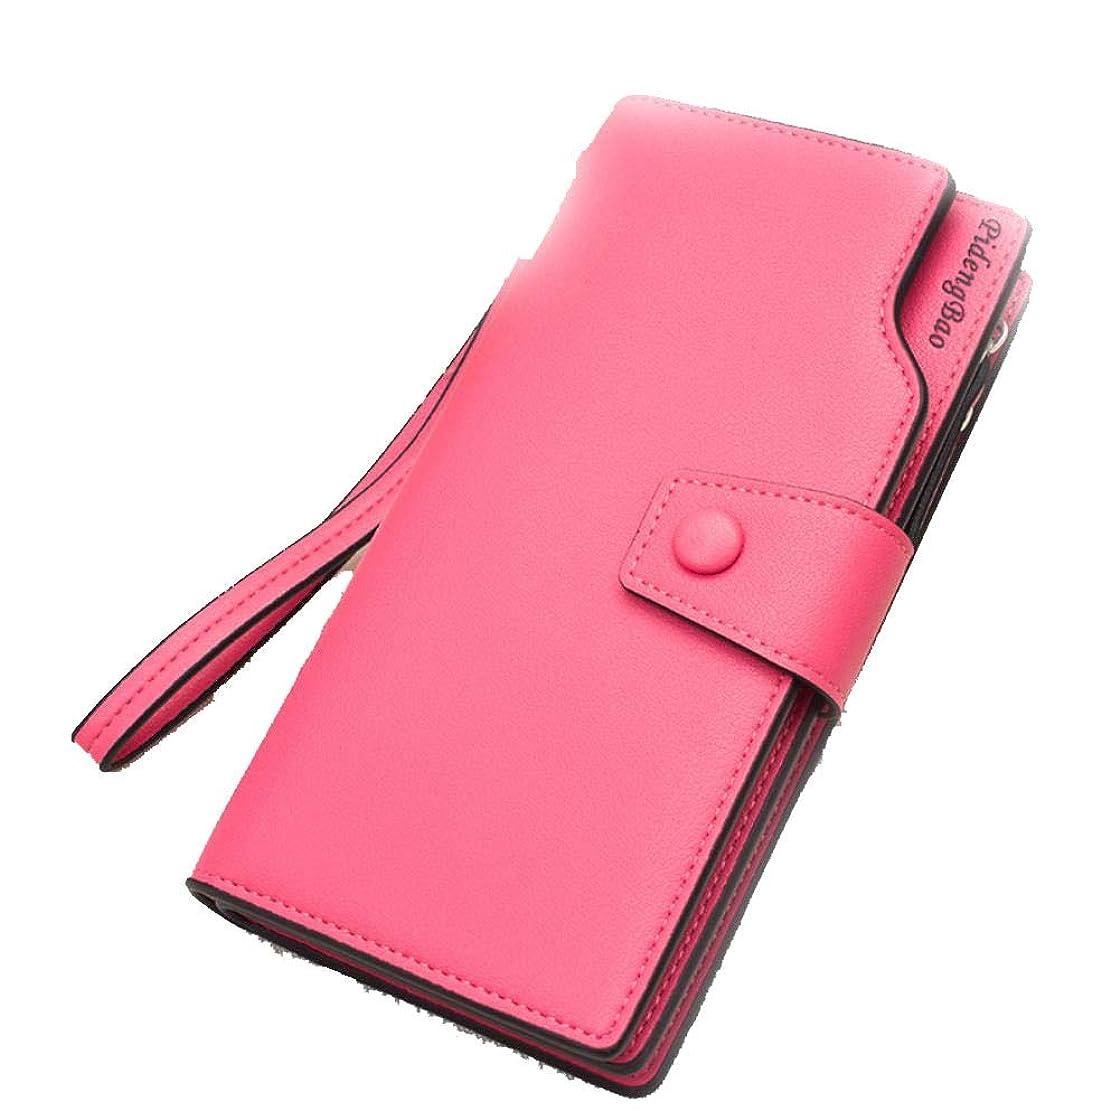 共同選択準備ができてレオナルドダクラッチバッグの女性の財布カジュアル多機能ロングジッパーバックル女性のマルチカラーの携帯電話バッグ